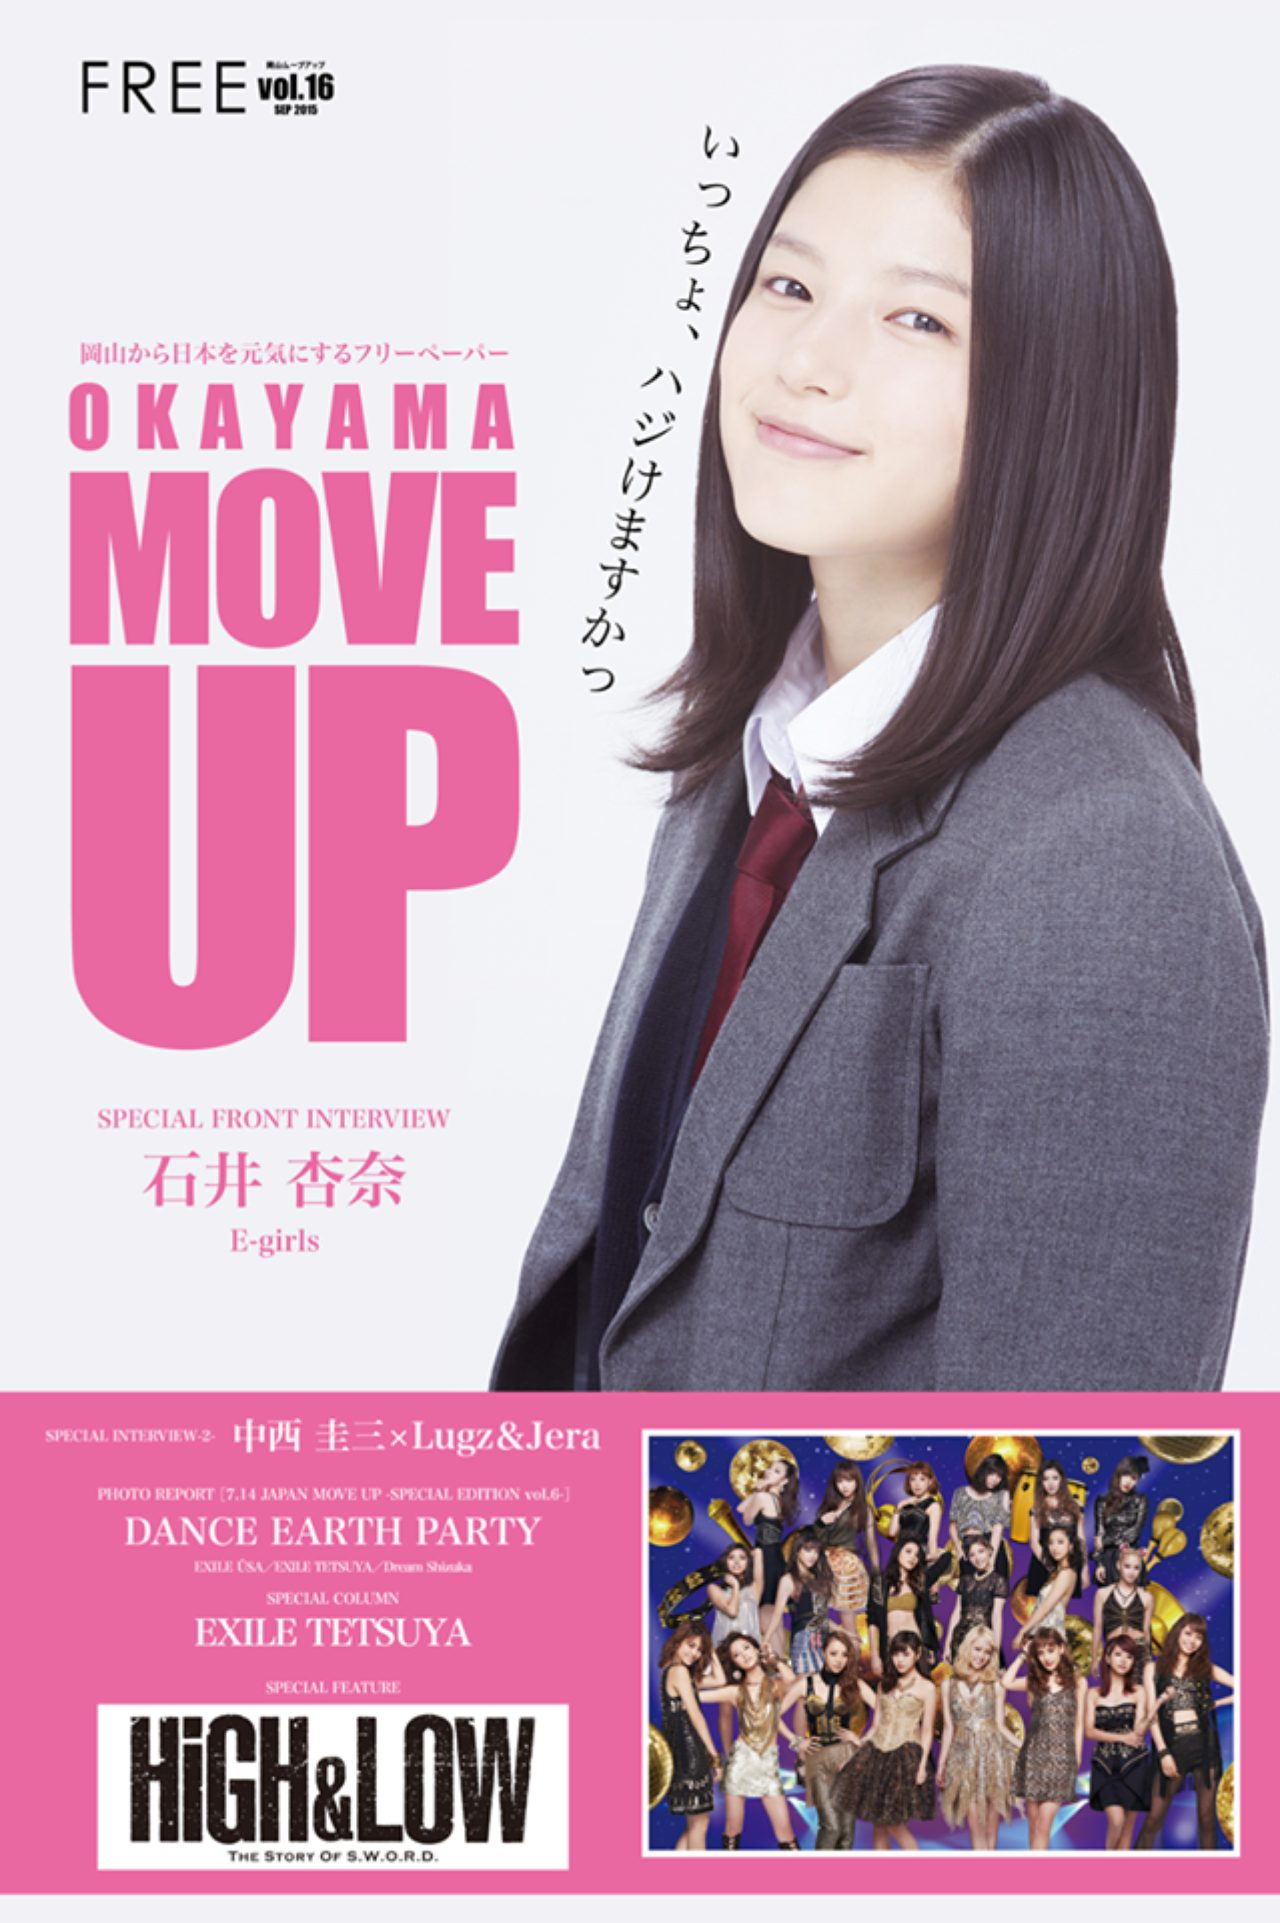 画像: OKAYAMA MOVE UP vol.16 9月11日 発行!! 表紙解禁!!